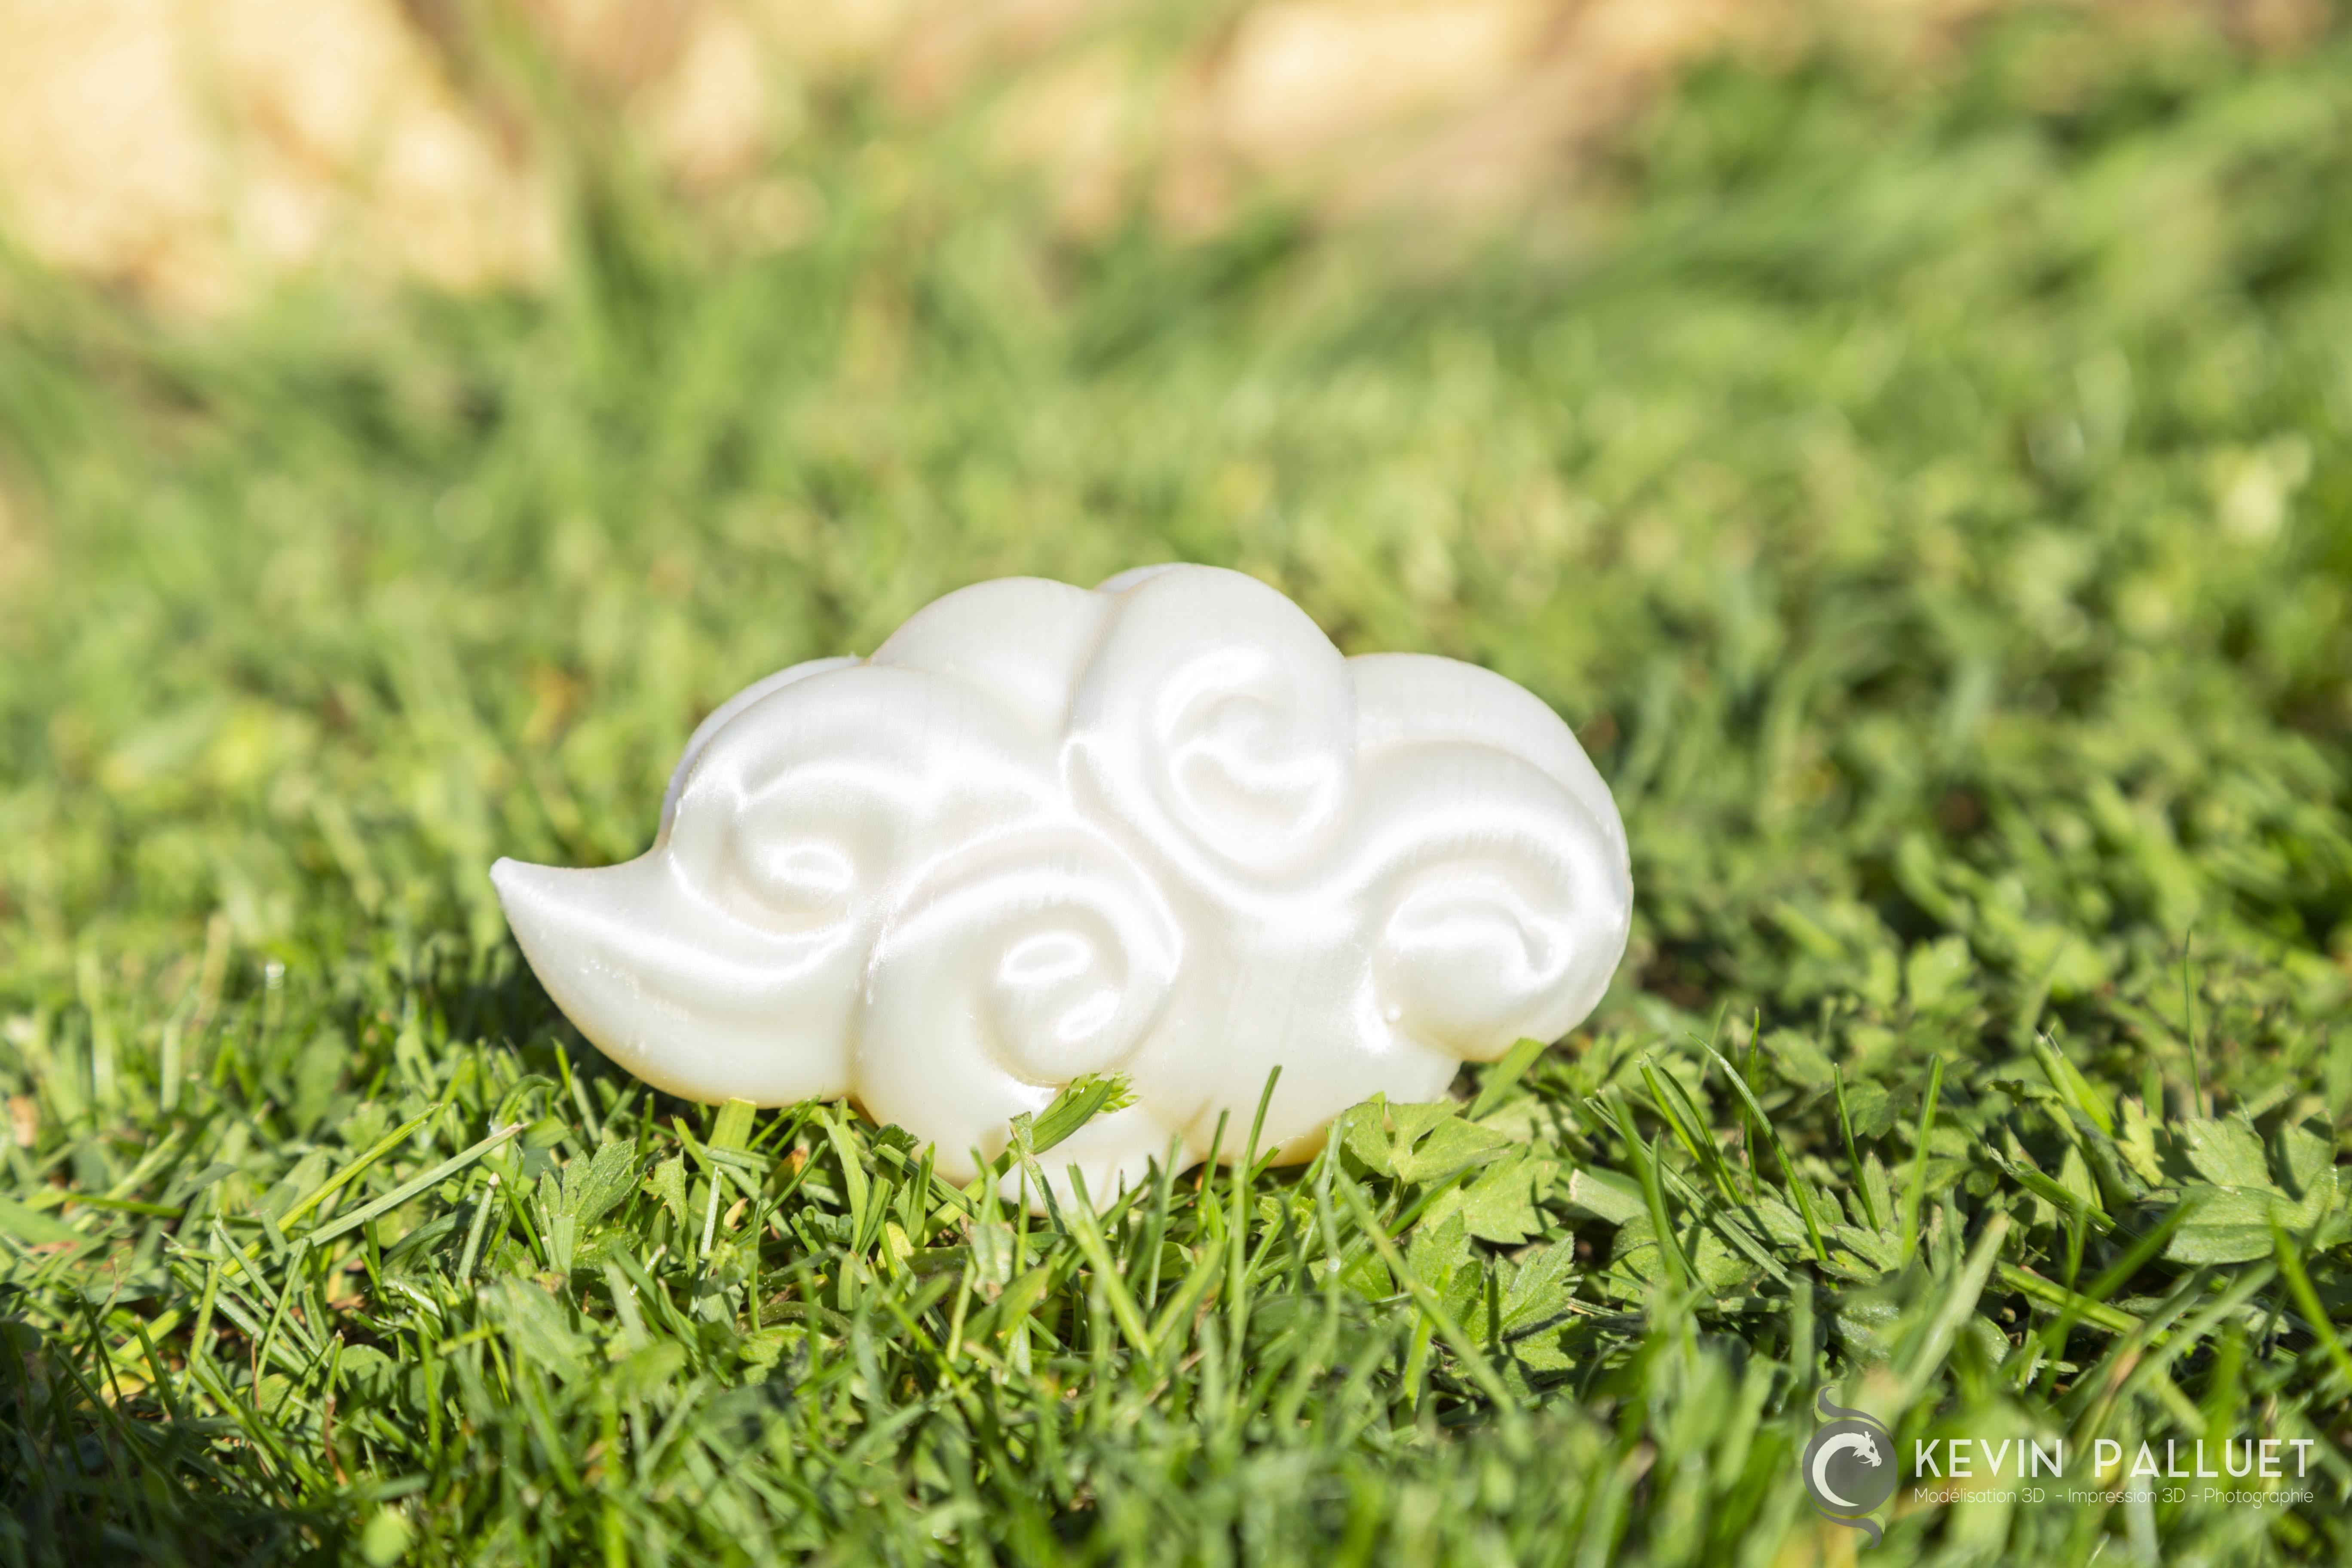 Clouds_007.jpg Download STL file Asian Cloud n°7 • Template to 3D print, LeKid